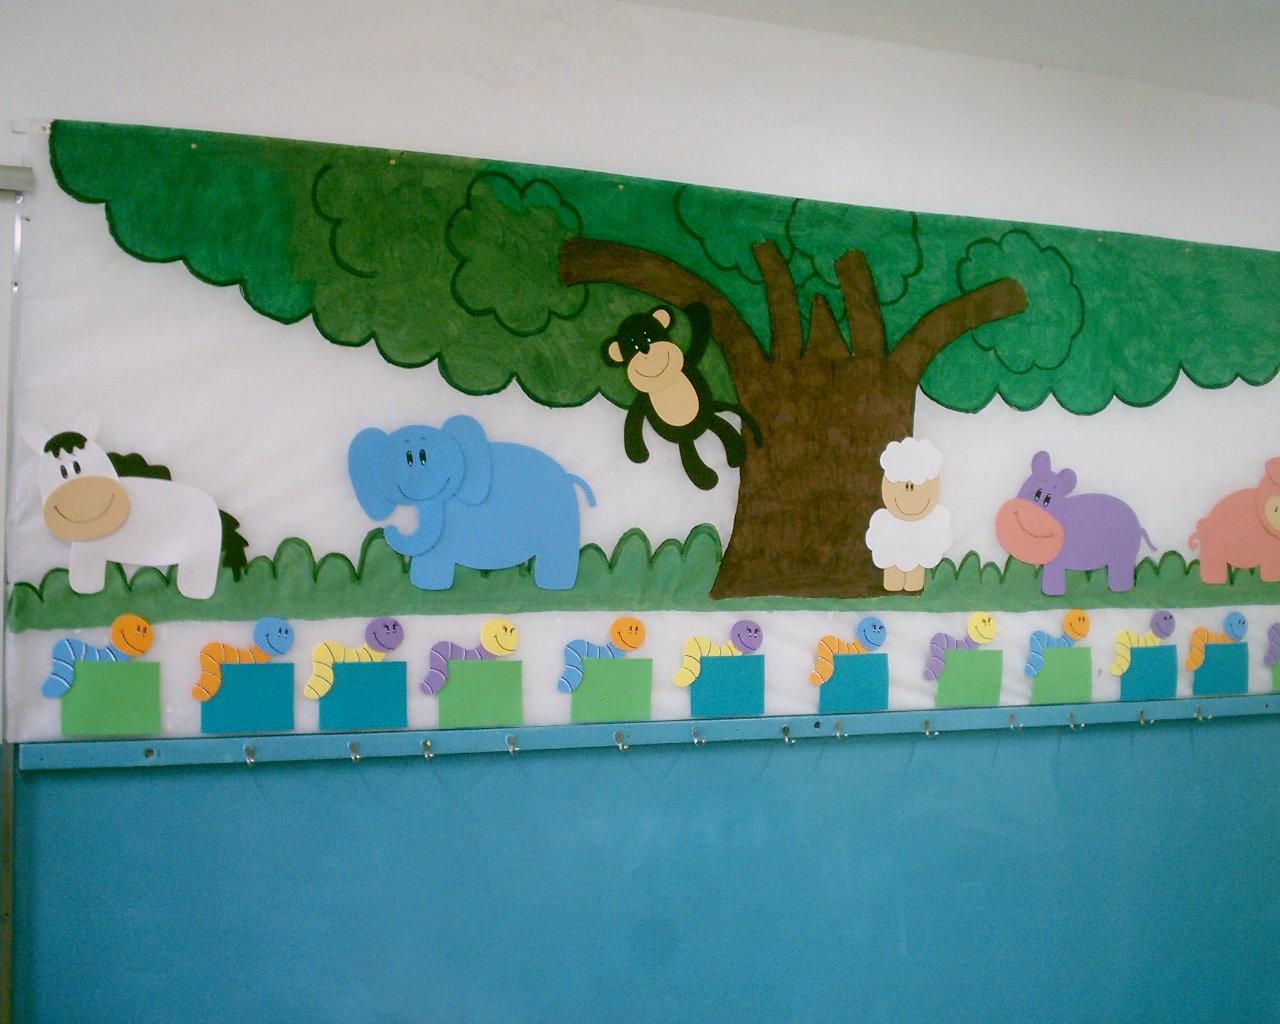 da sala da turma de Berçario II da Escola de Educação Infantil